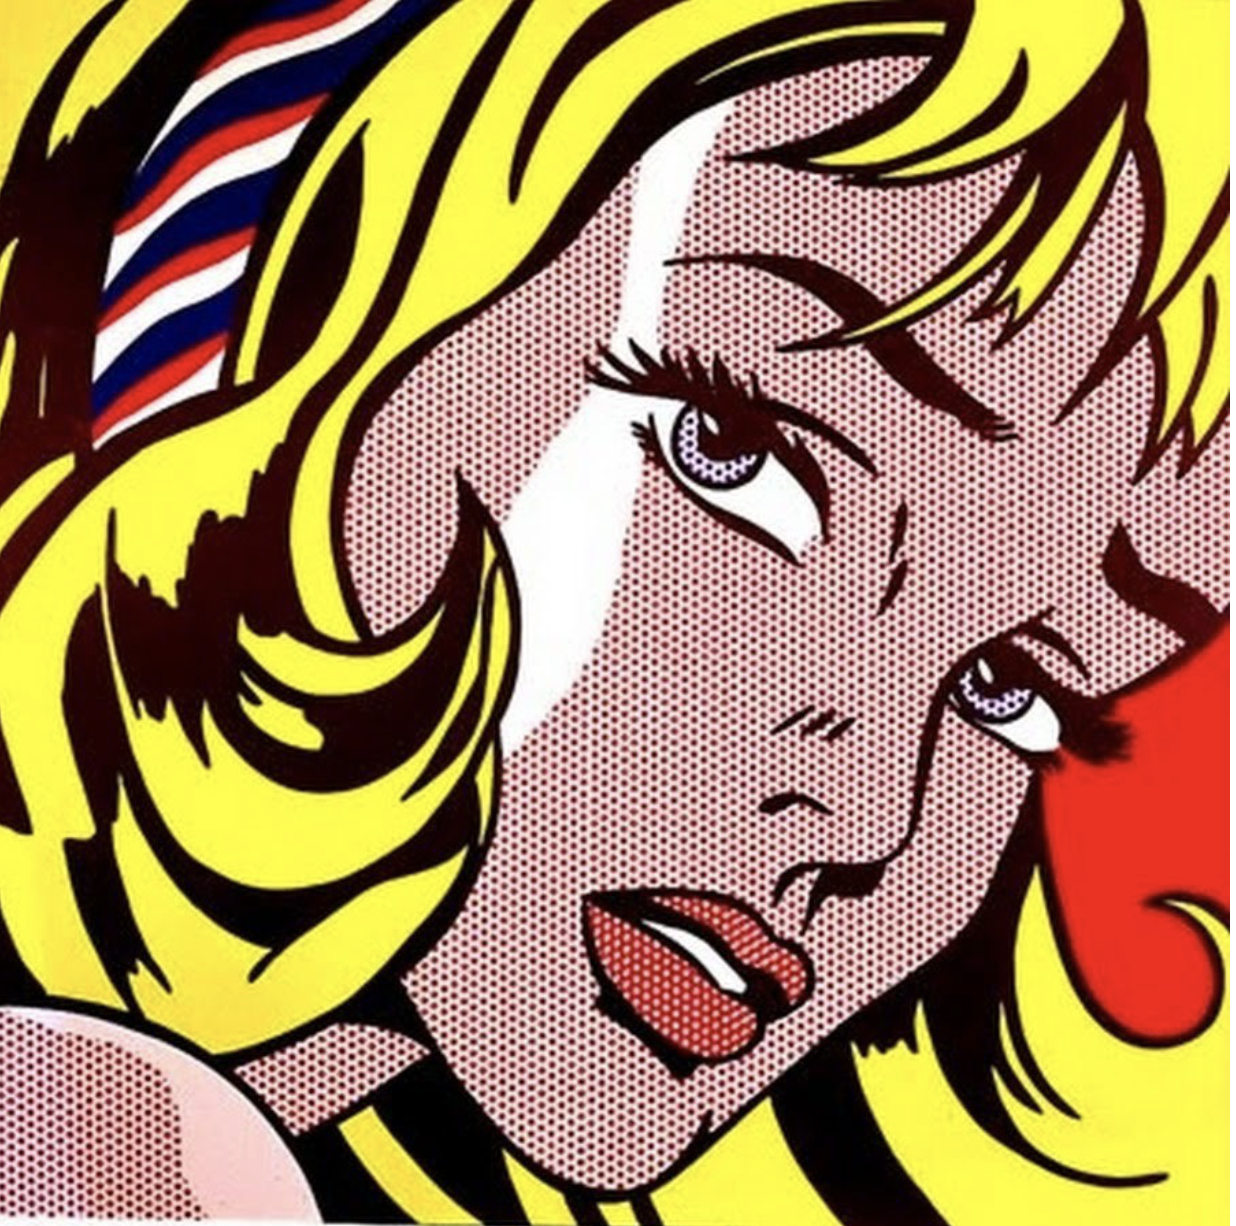 【美術解説】ポップ・アート「大衆文化のイメージを利用した芸術」